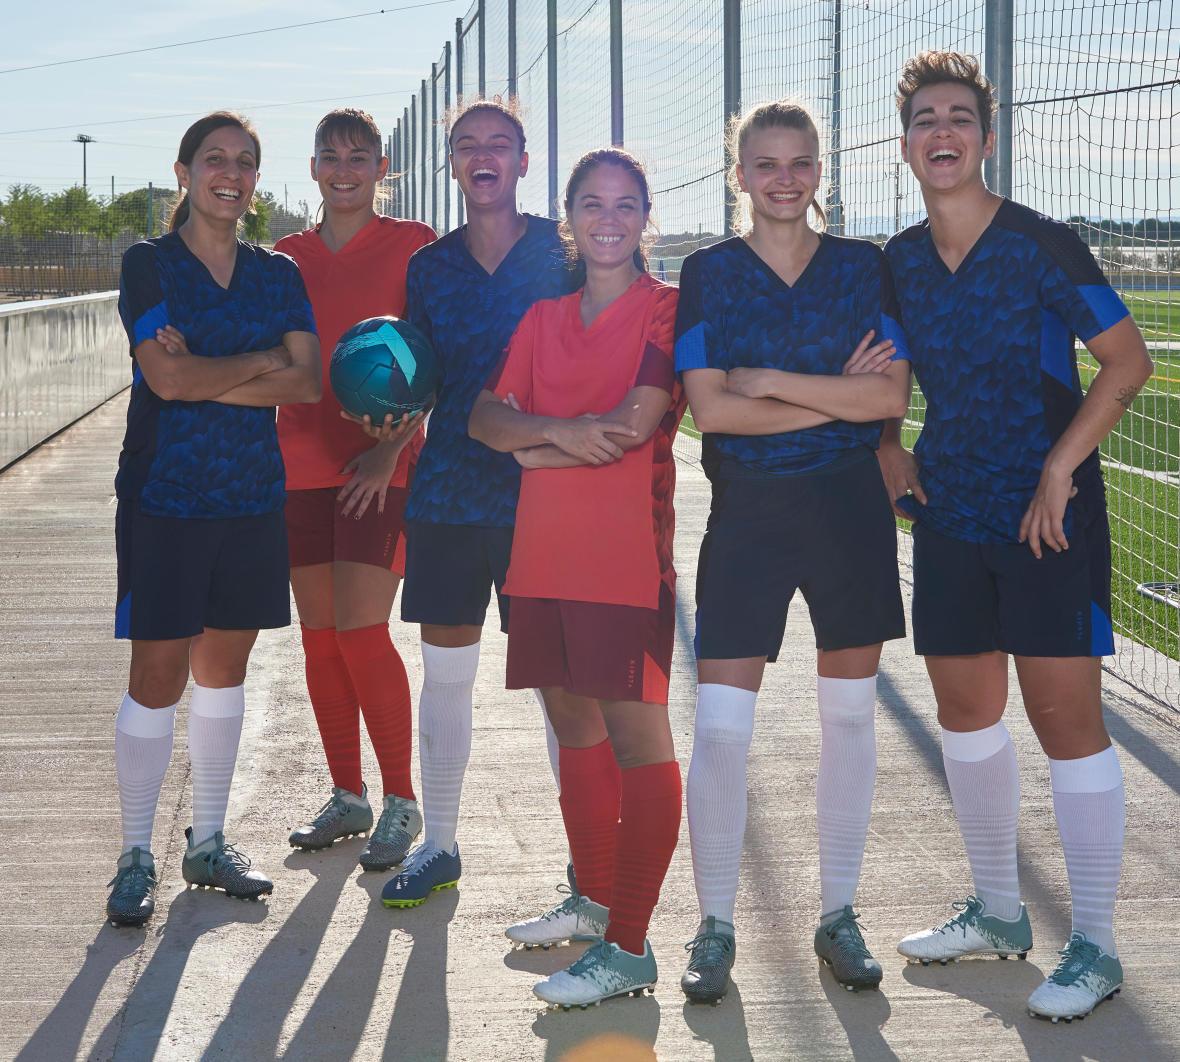 Le saviez-vous ? 10 anecdotes sur le foot féminin